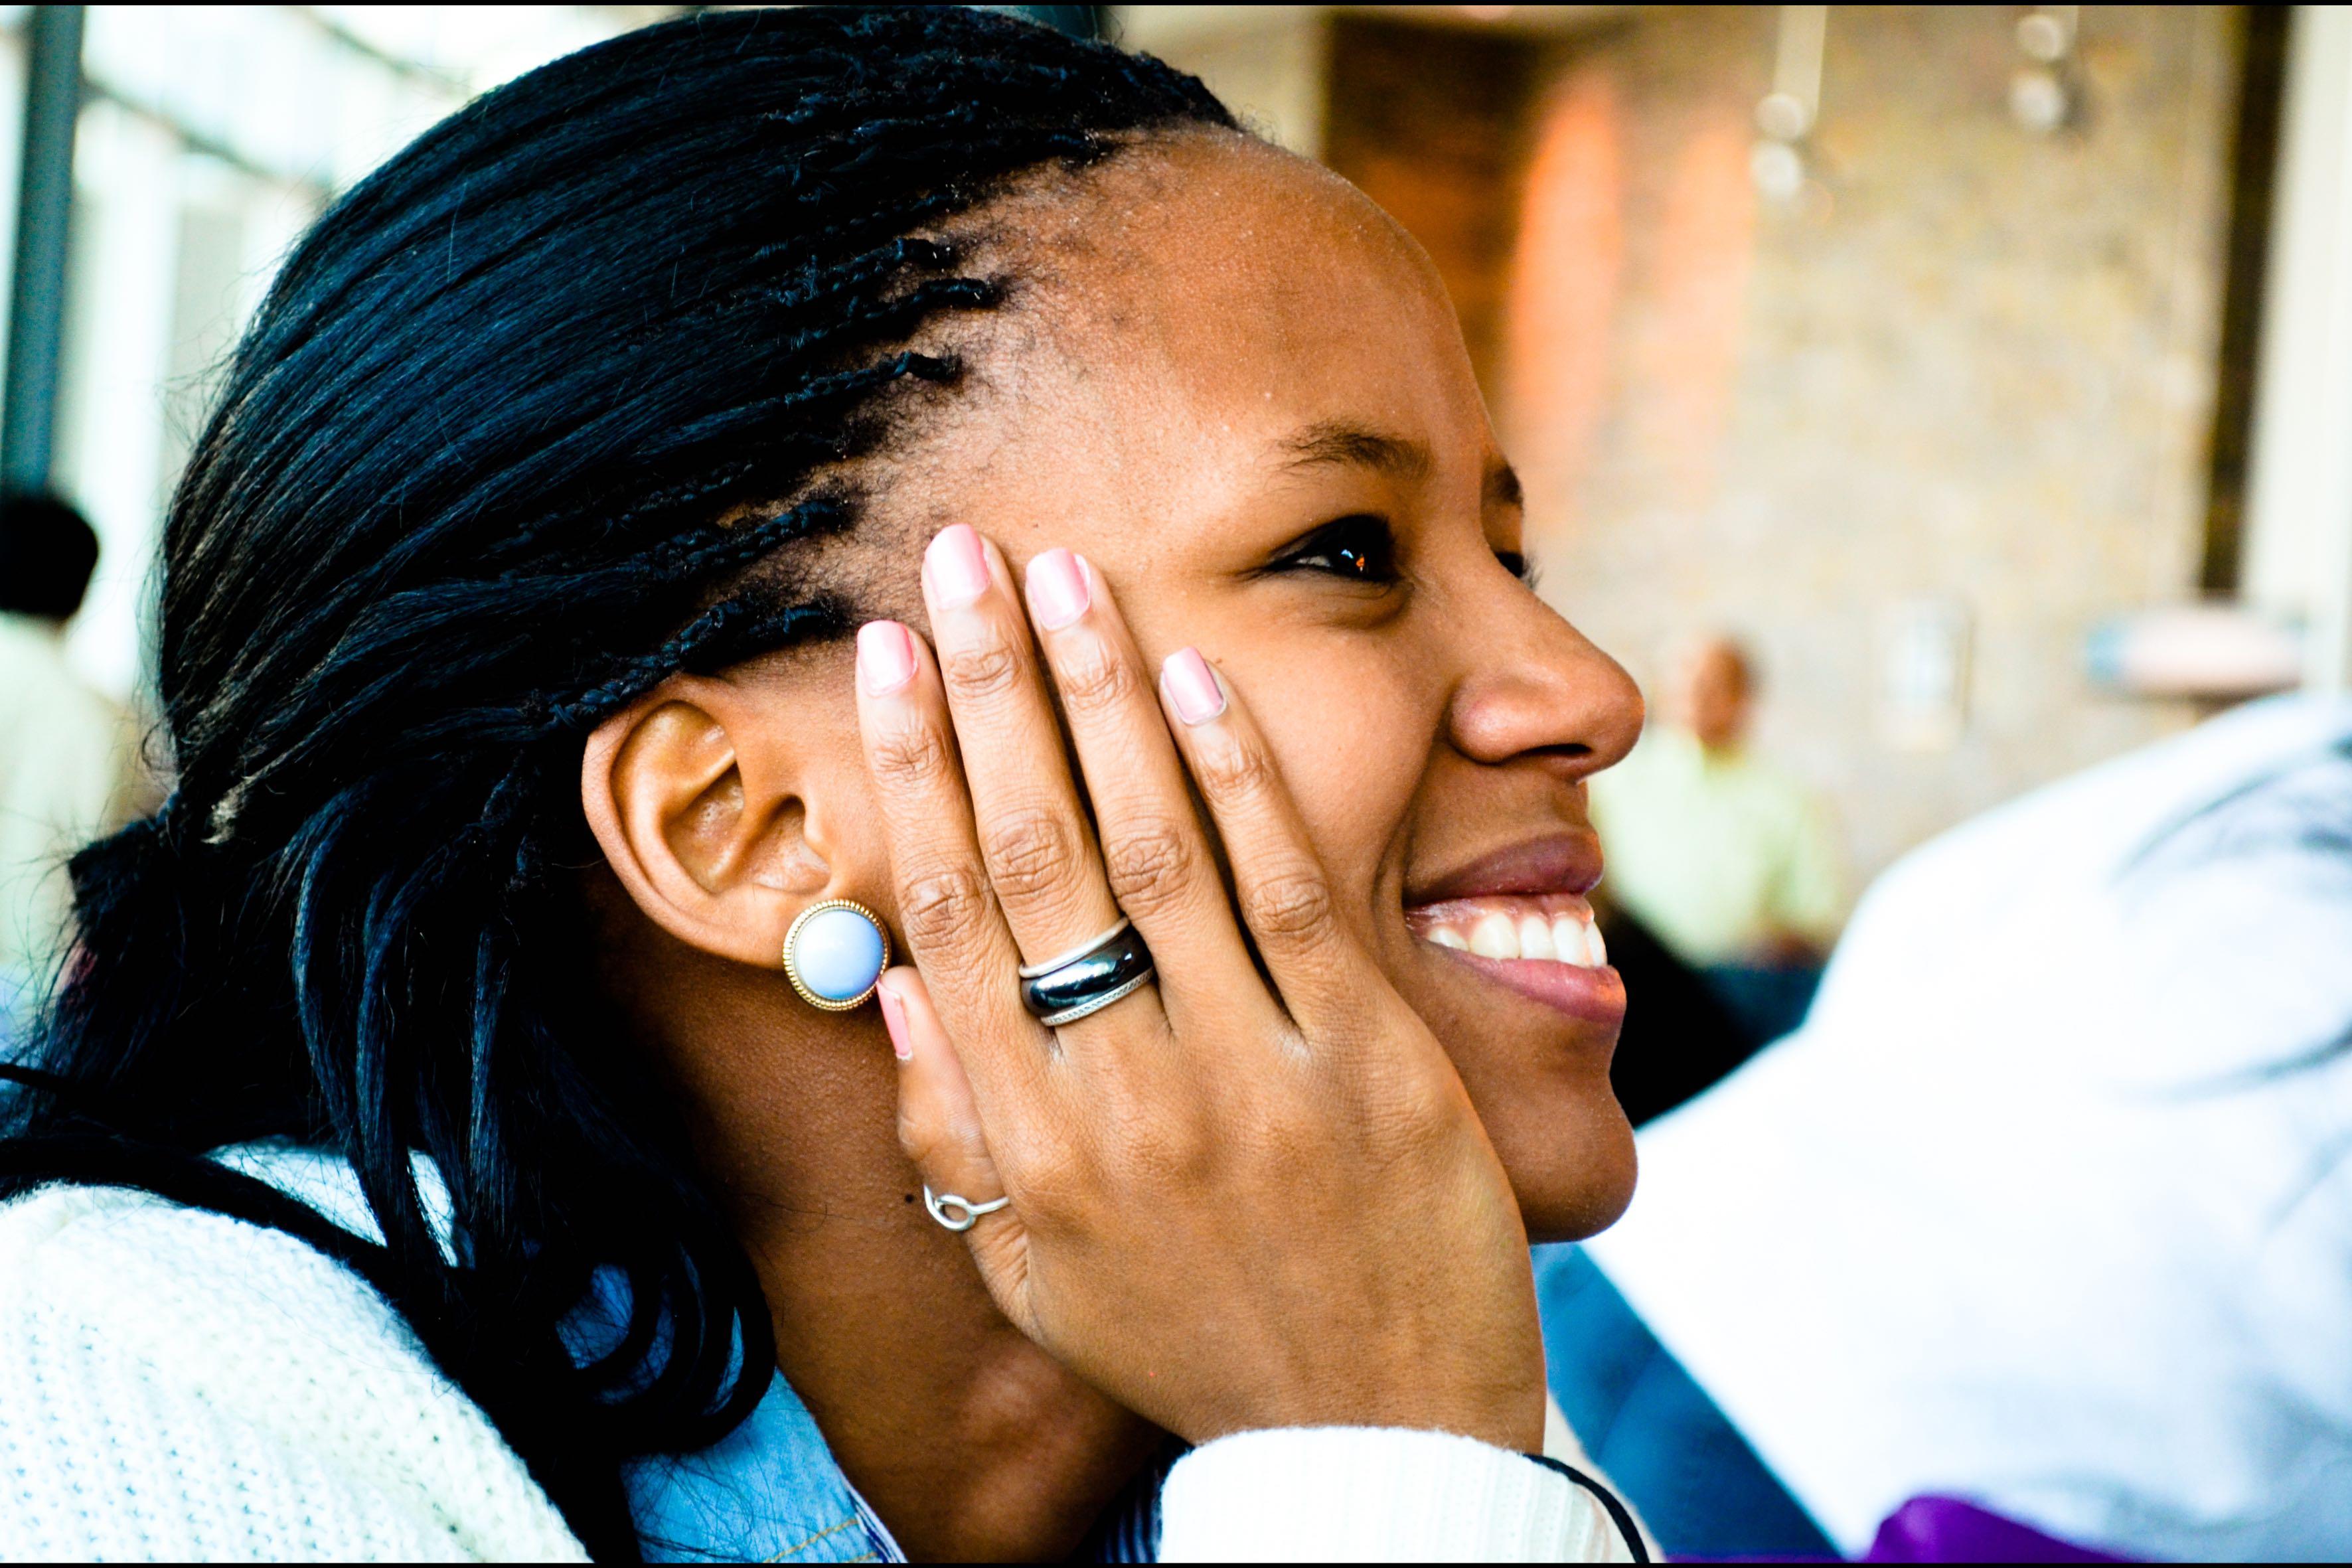 Nozipho Mthembu